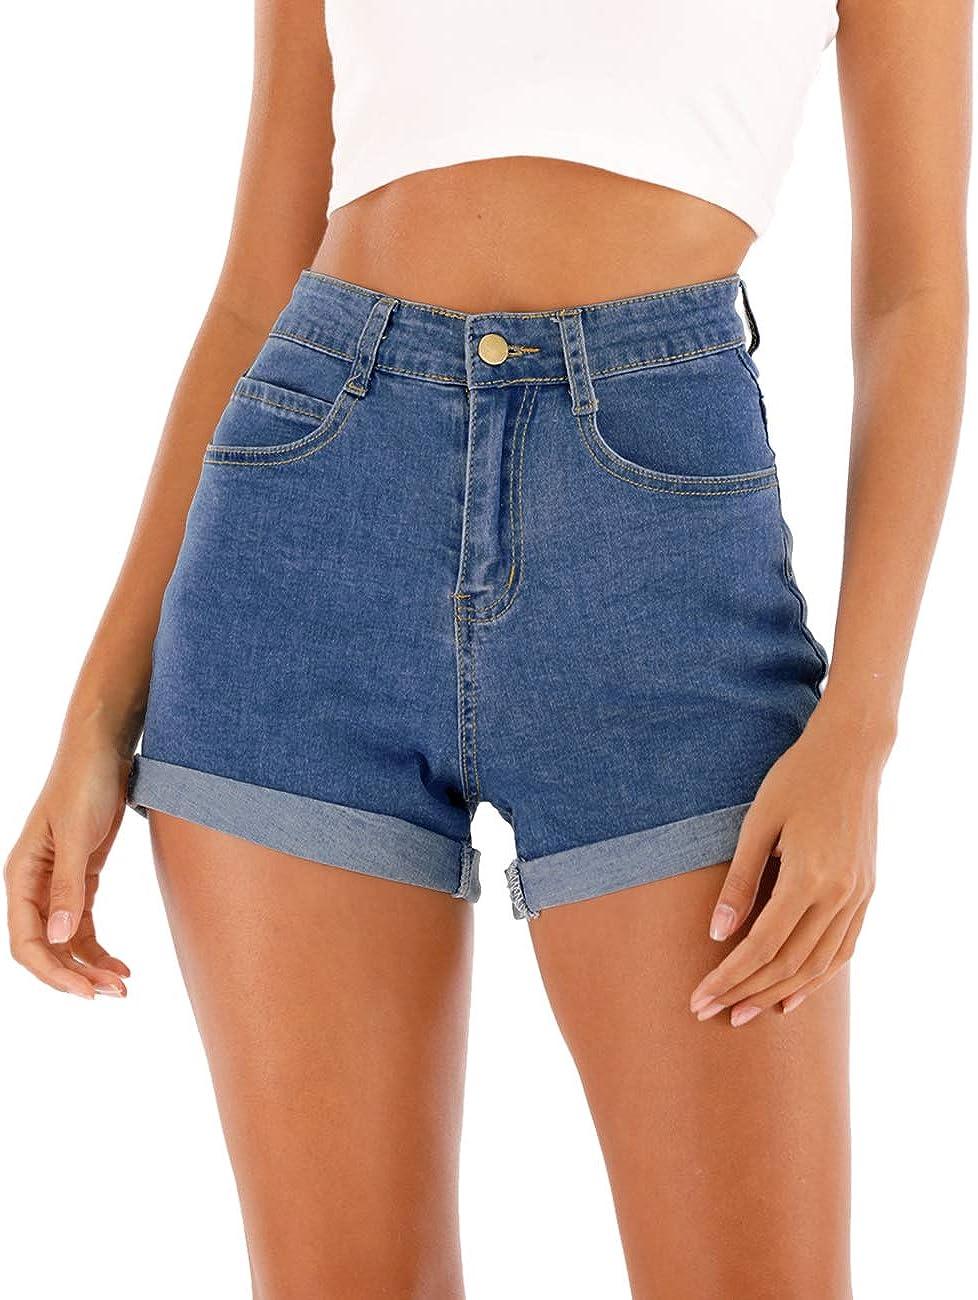 XS V Seam High Waist Medium Wash Denim Shorts